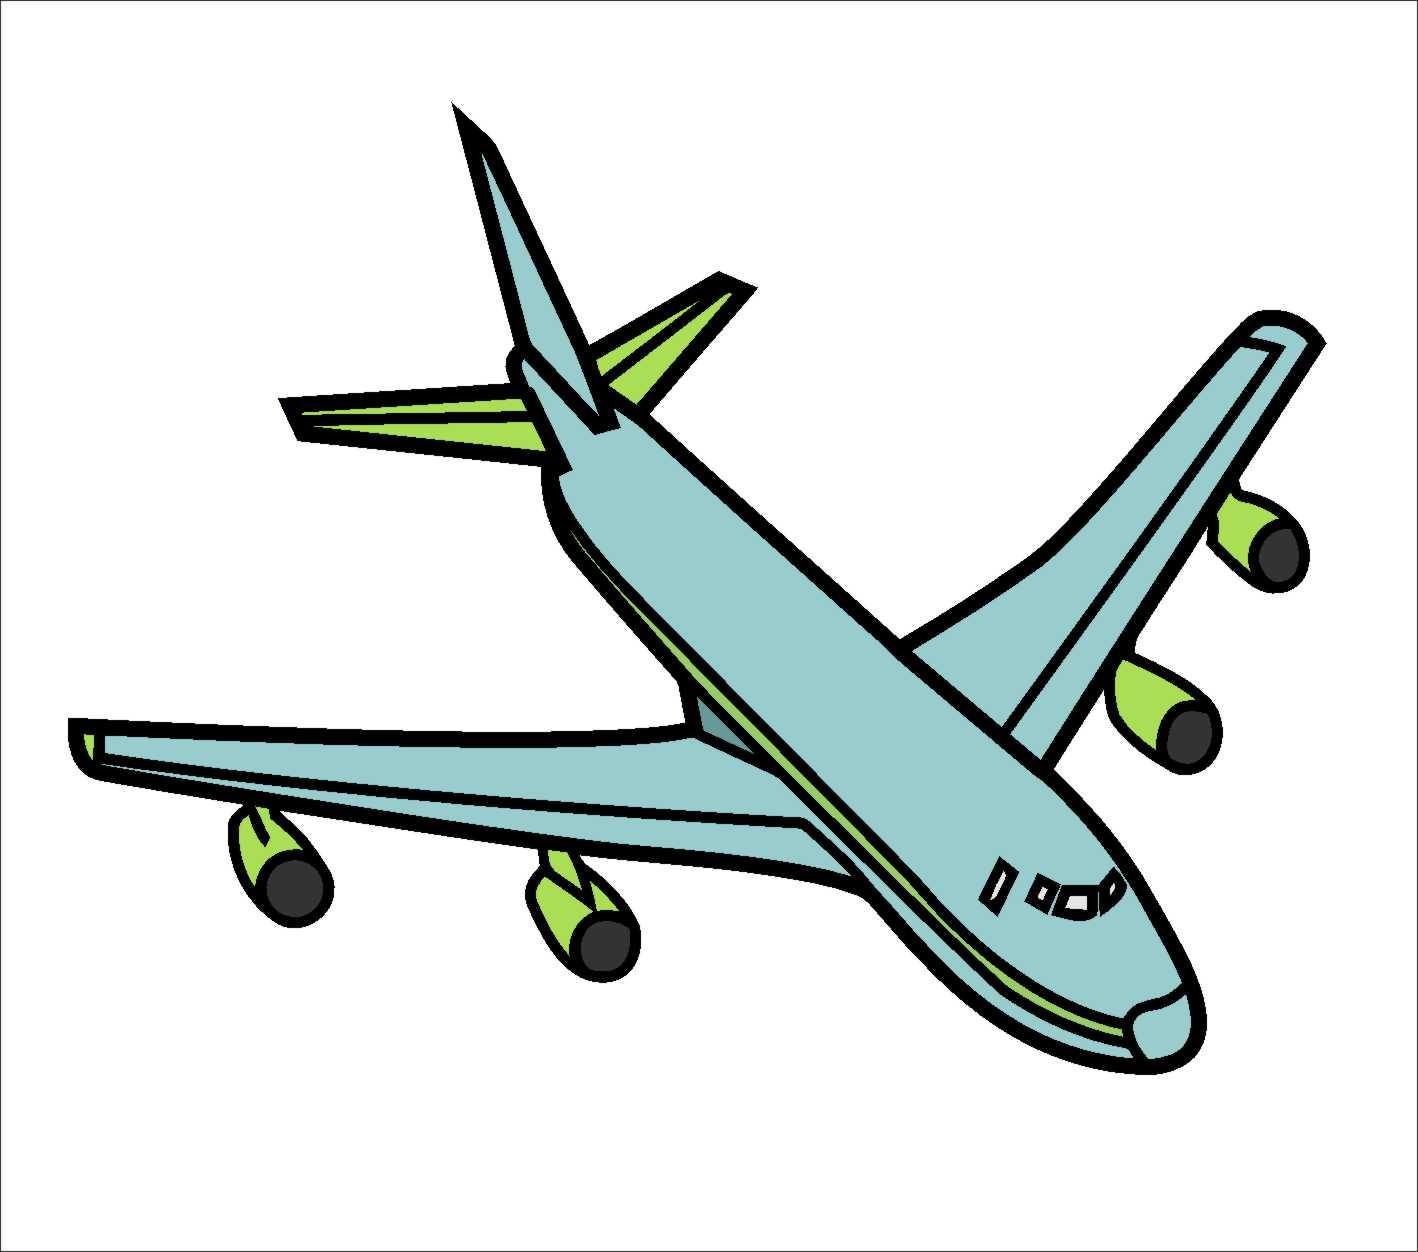 пекина самолет рисунок картинки этот